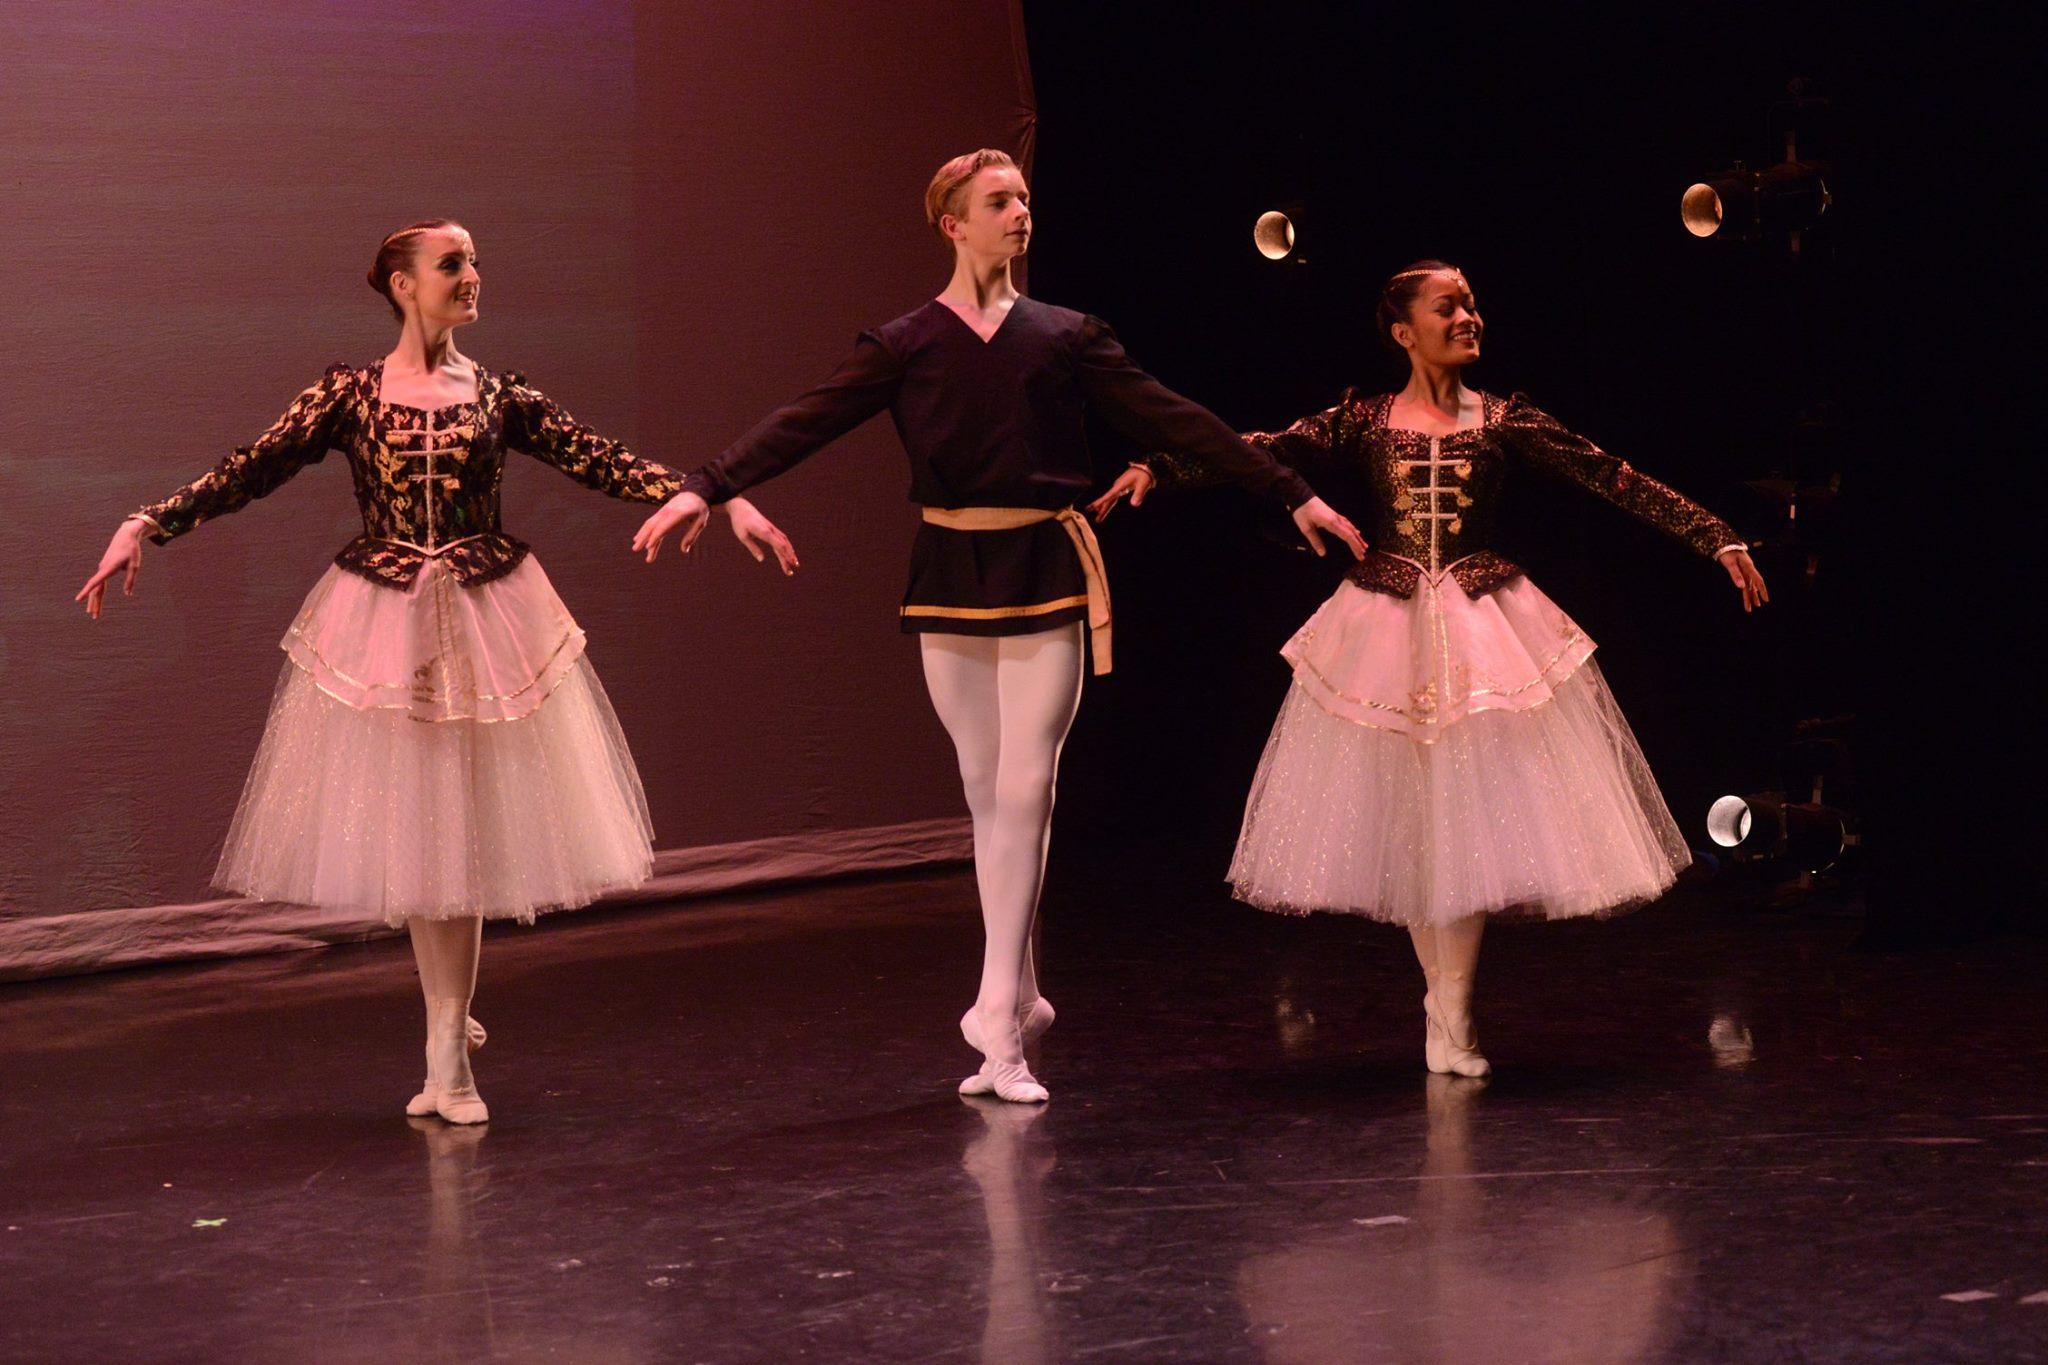 Rebecca FLynn, Aran Bell and Olga Gargan New York City 2014